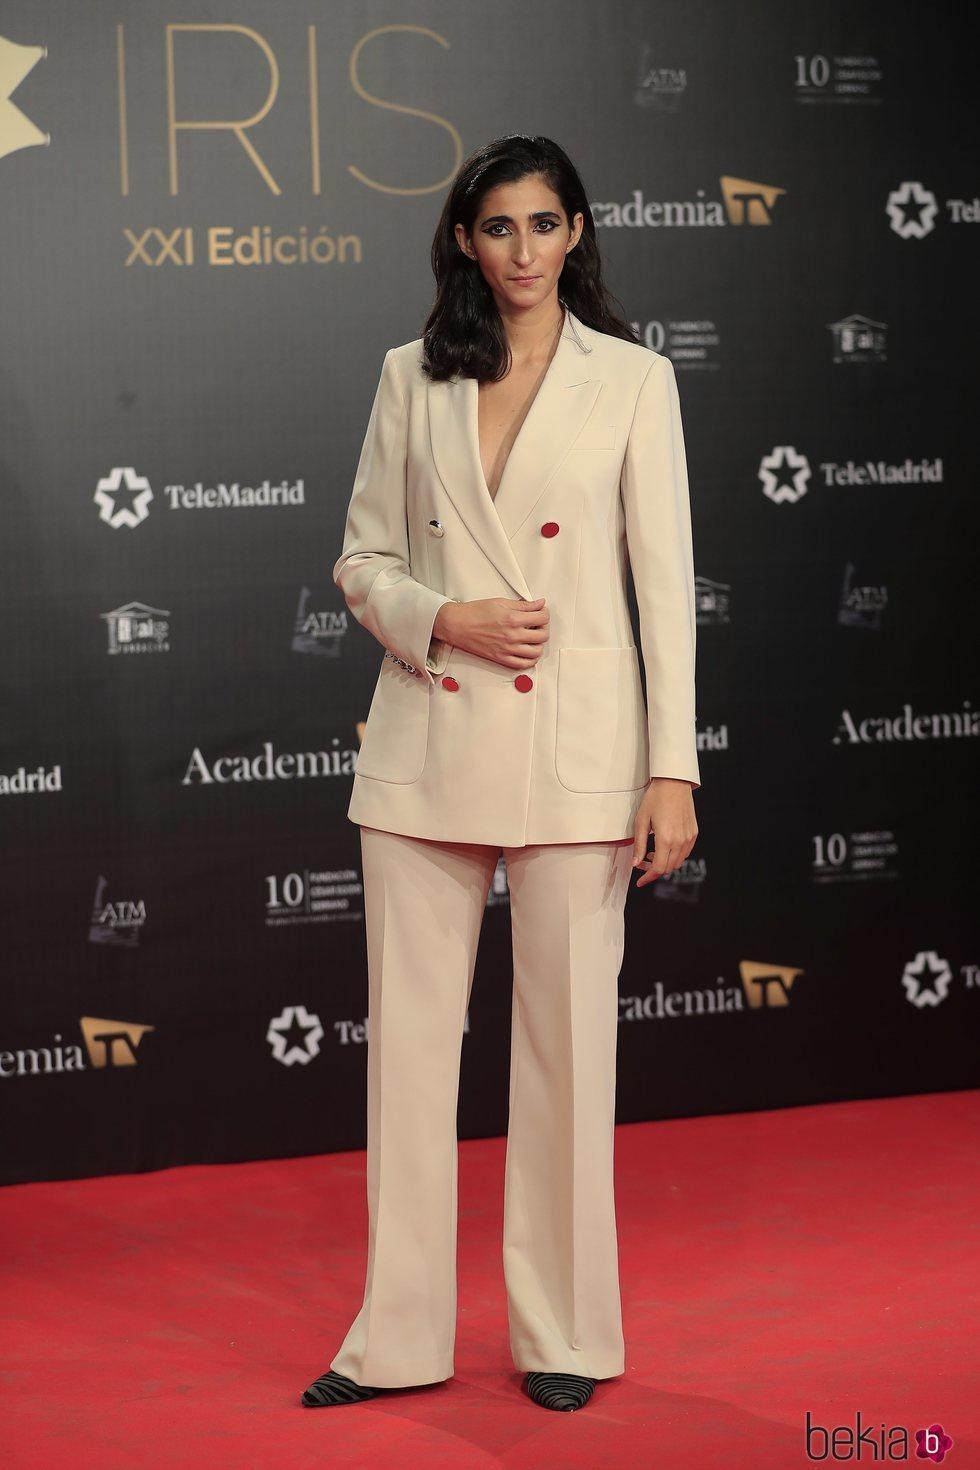 Alba Flores en la alfombra roja de los Premios Iris 2019